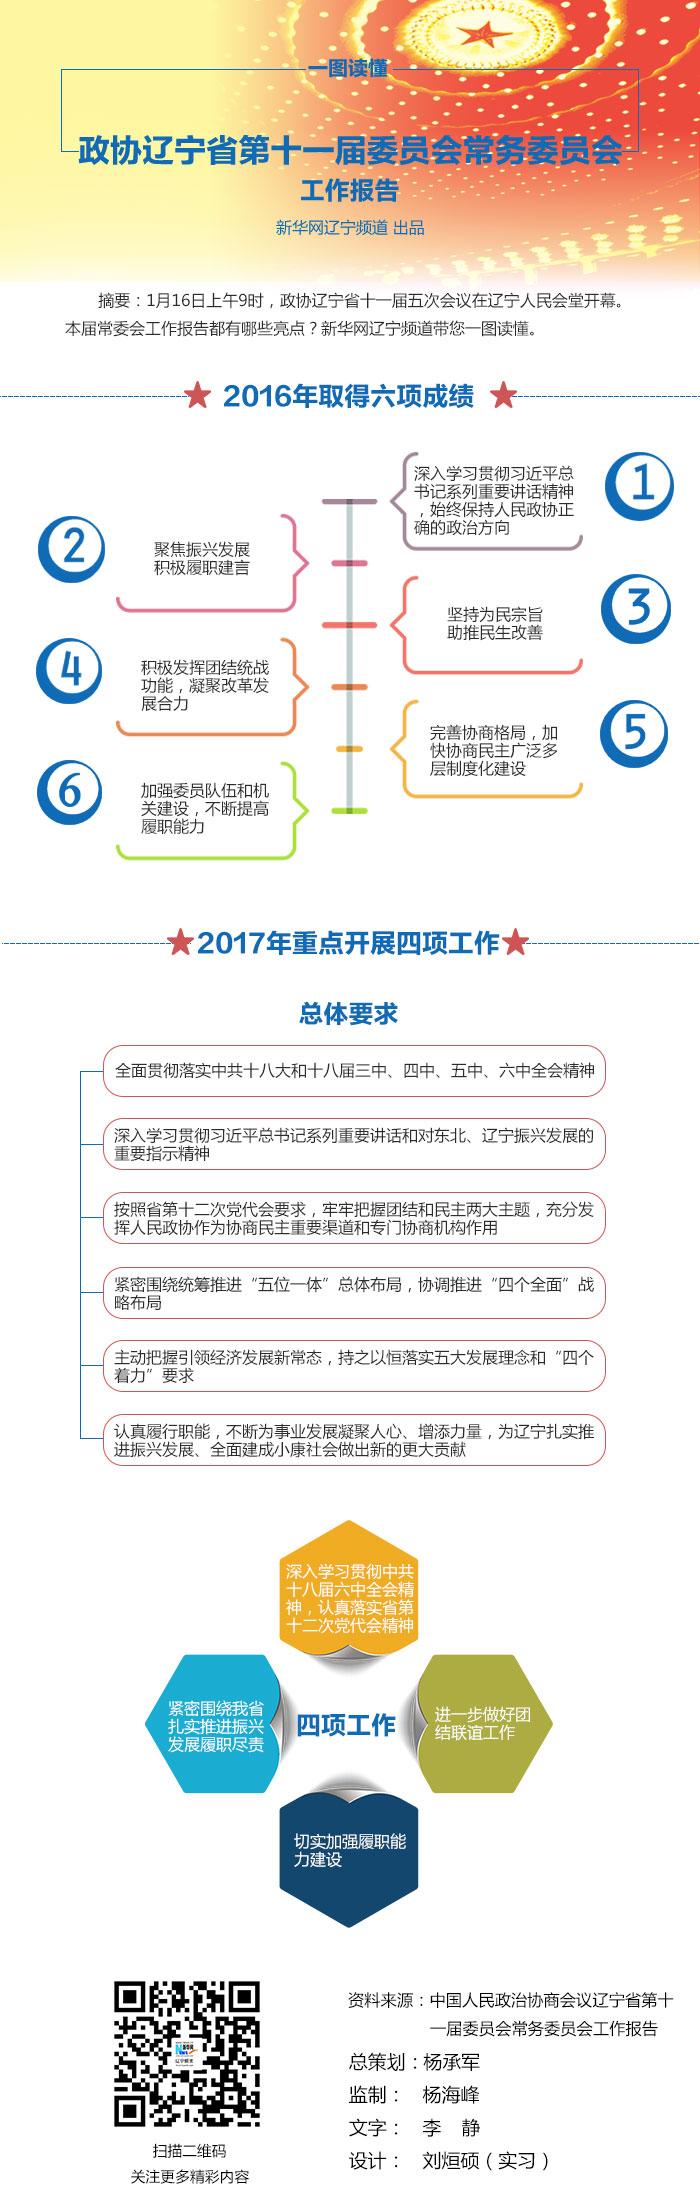 【一图读懂】政协辽宁省第十一届委员会常务委员会工作报告